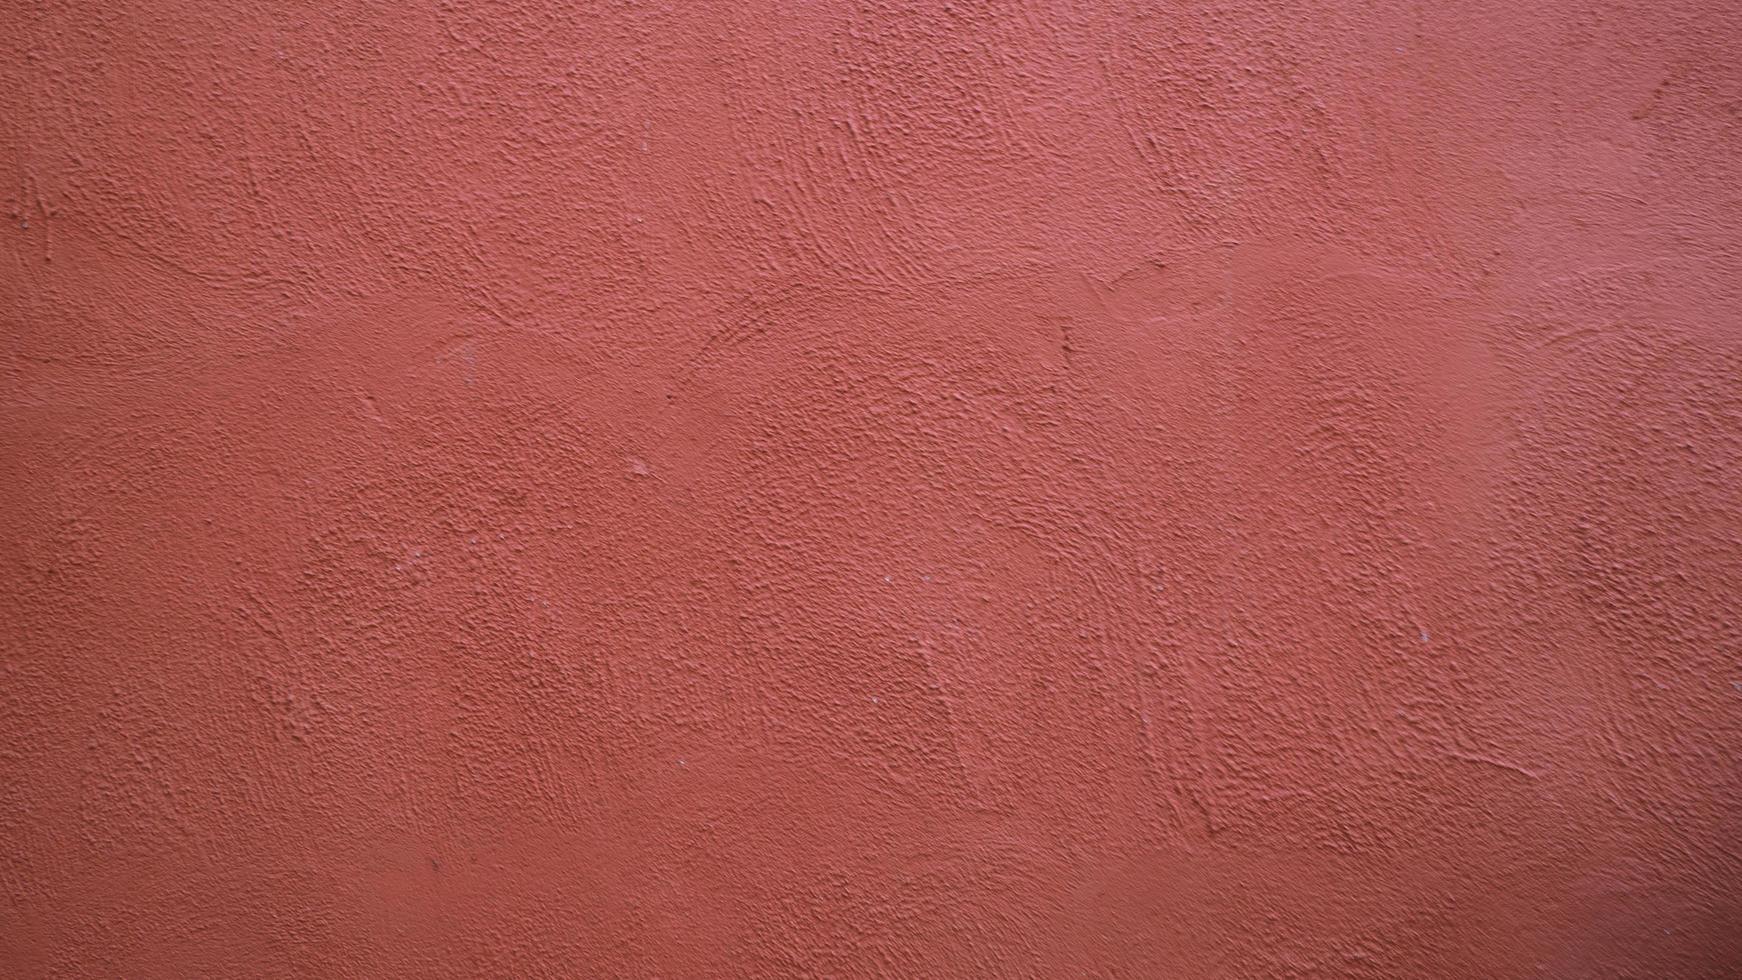 fondo abstracto de estuco rojo foto